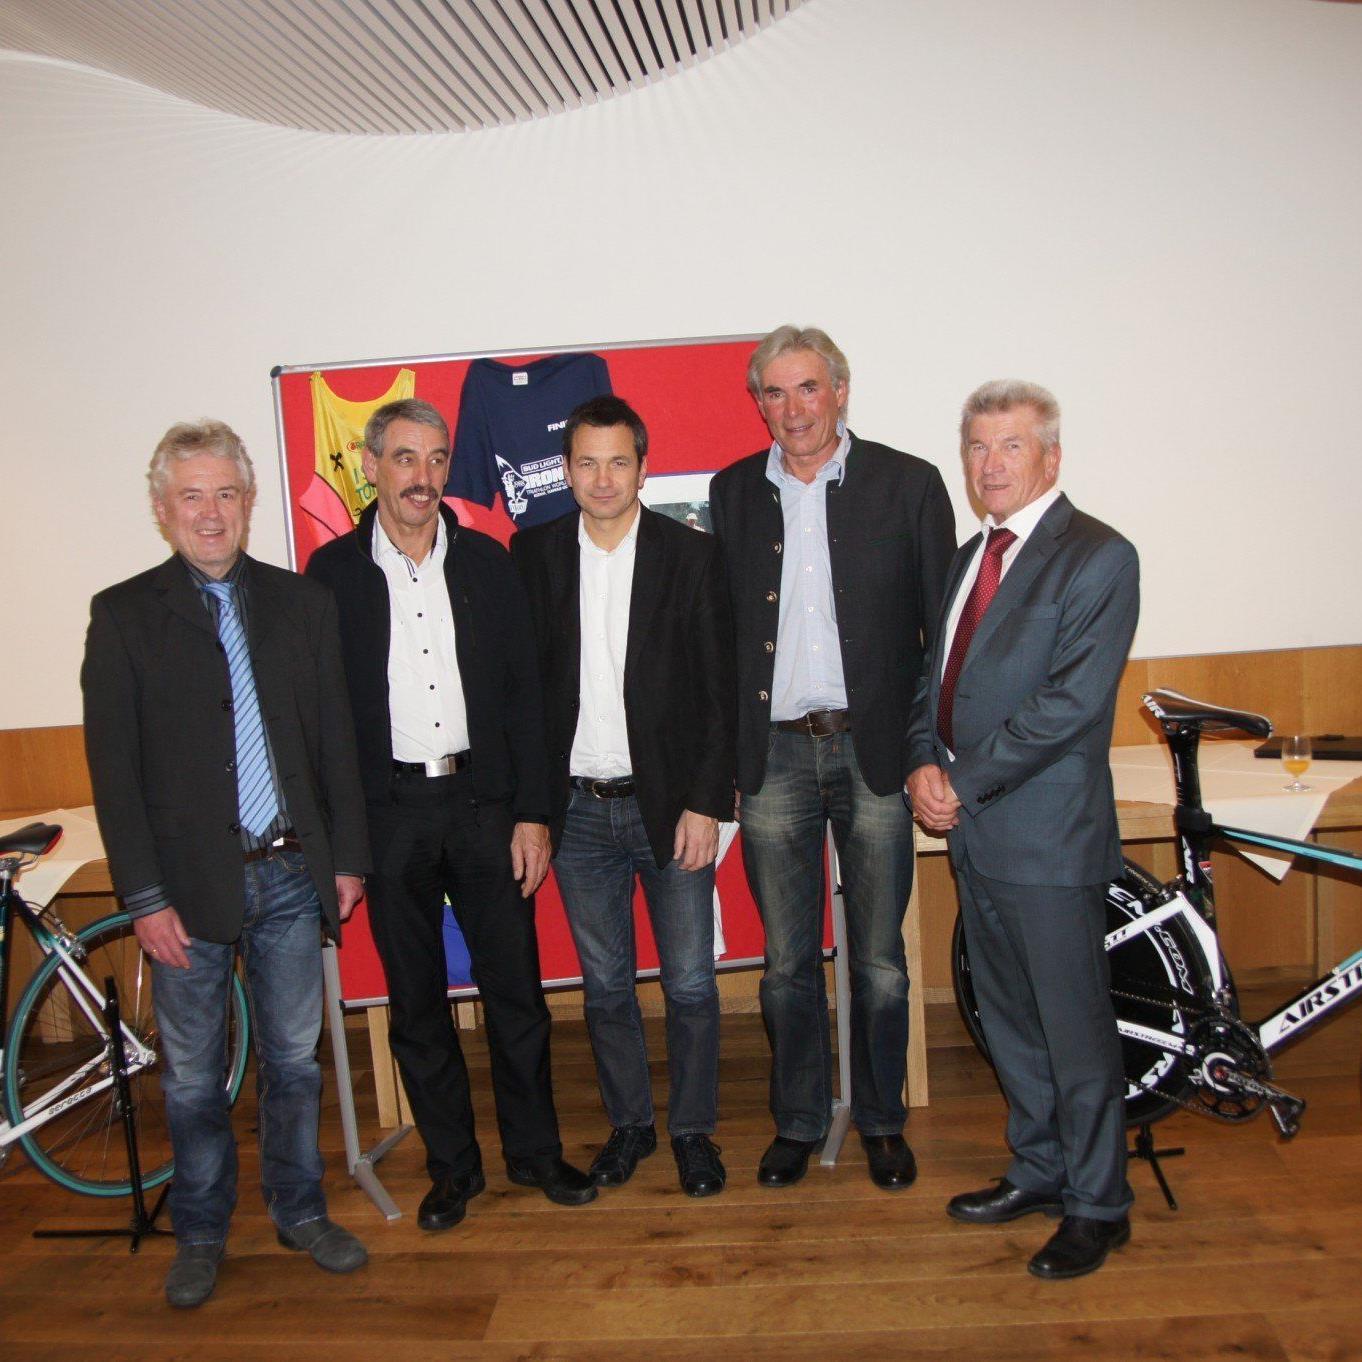 Viele Funktionäre und Sportler vom Triathlon waren bei der Jubiläumsfeier vertreten.